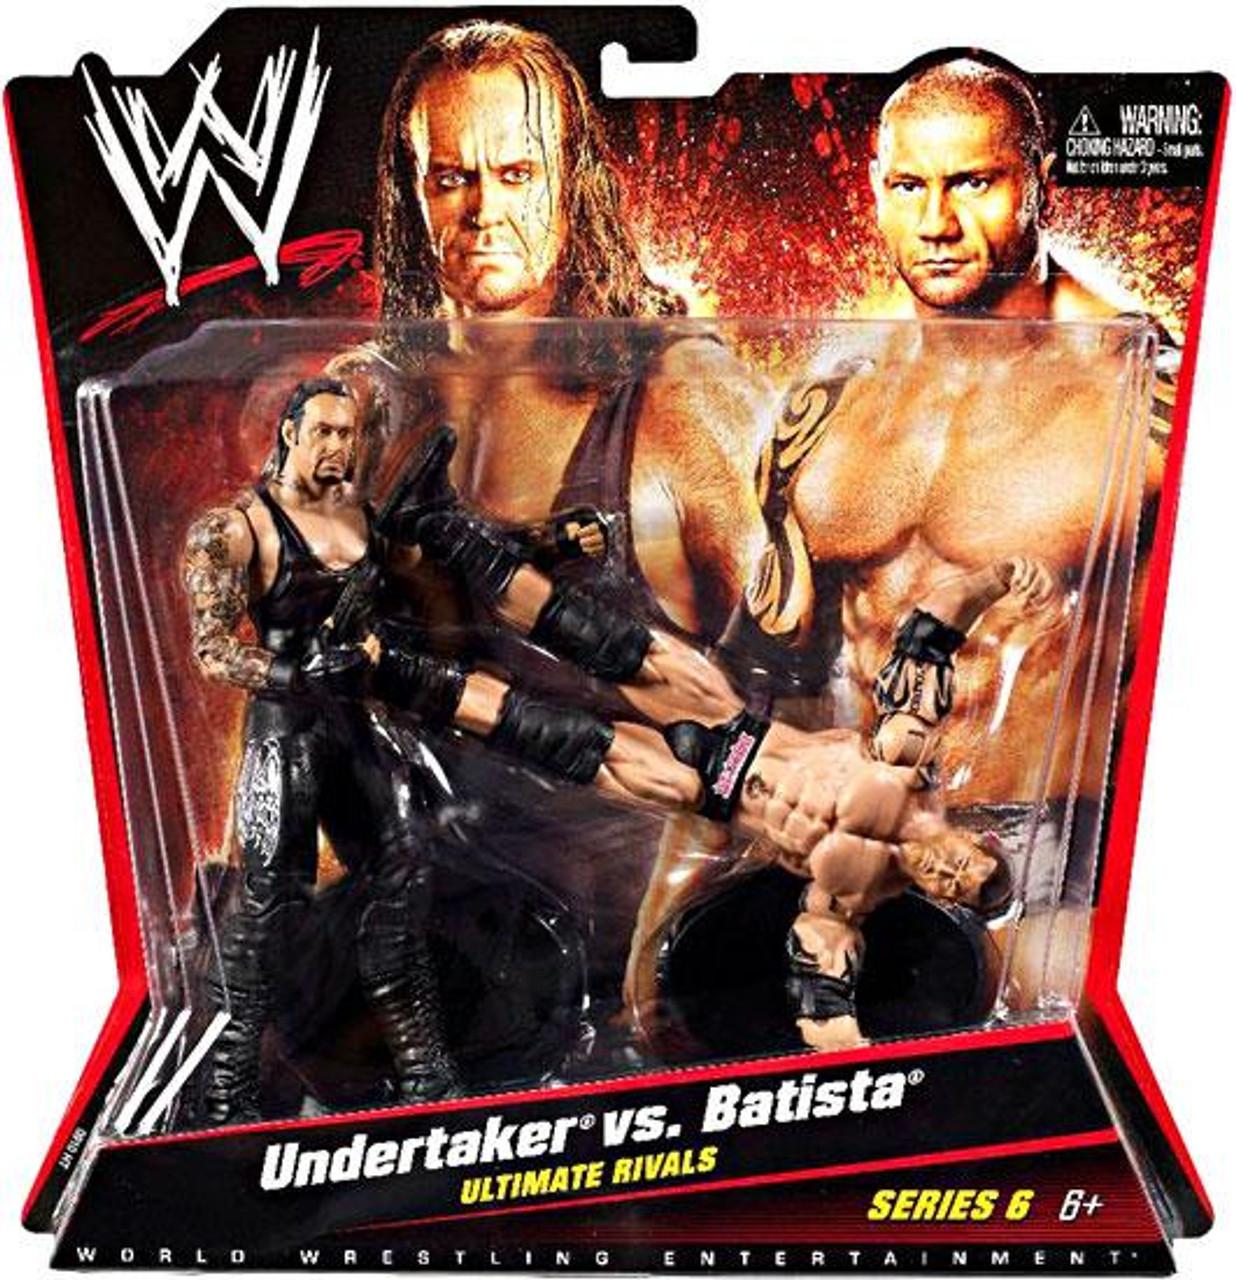 WWE Wrestling Series 6 Undertaker vs. Batista Action Figure 2-Pack